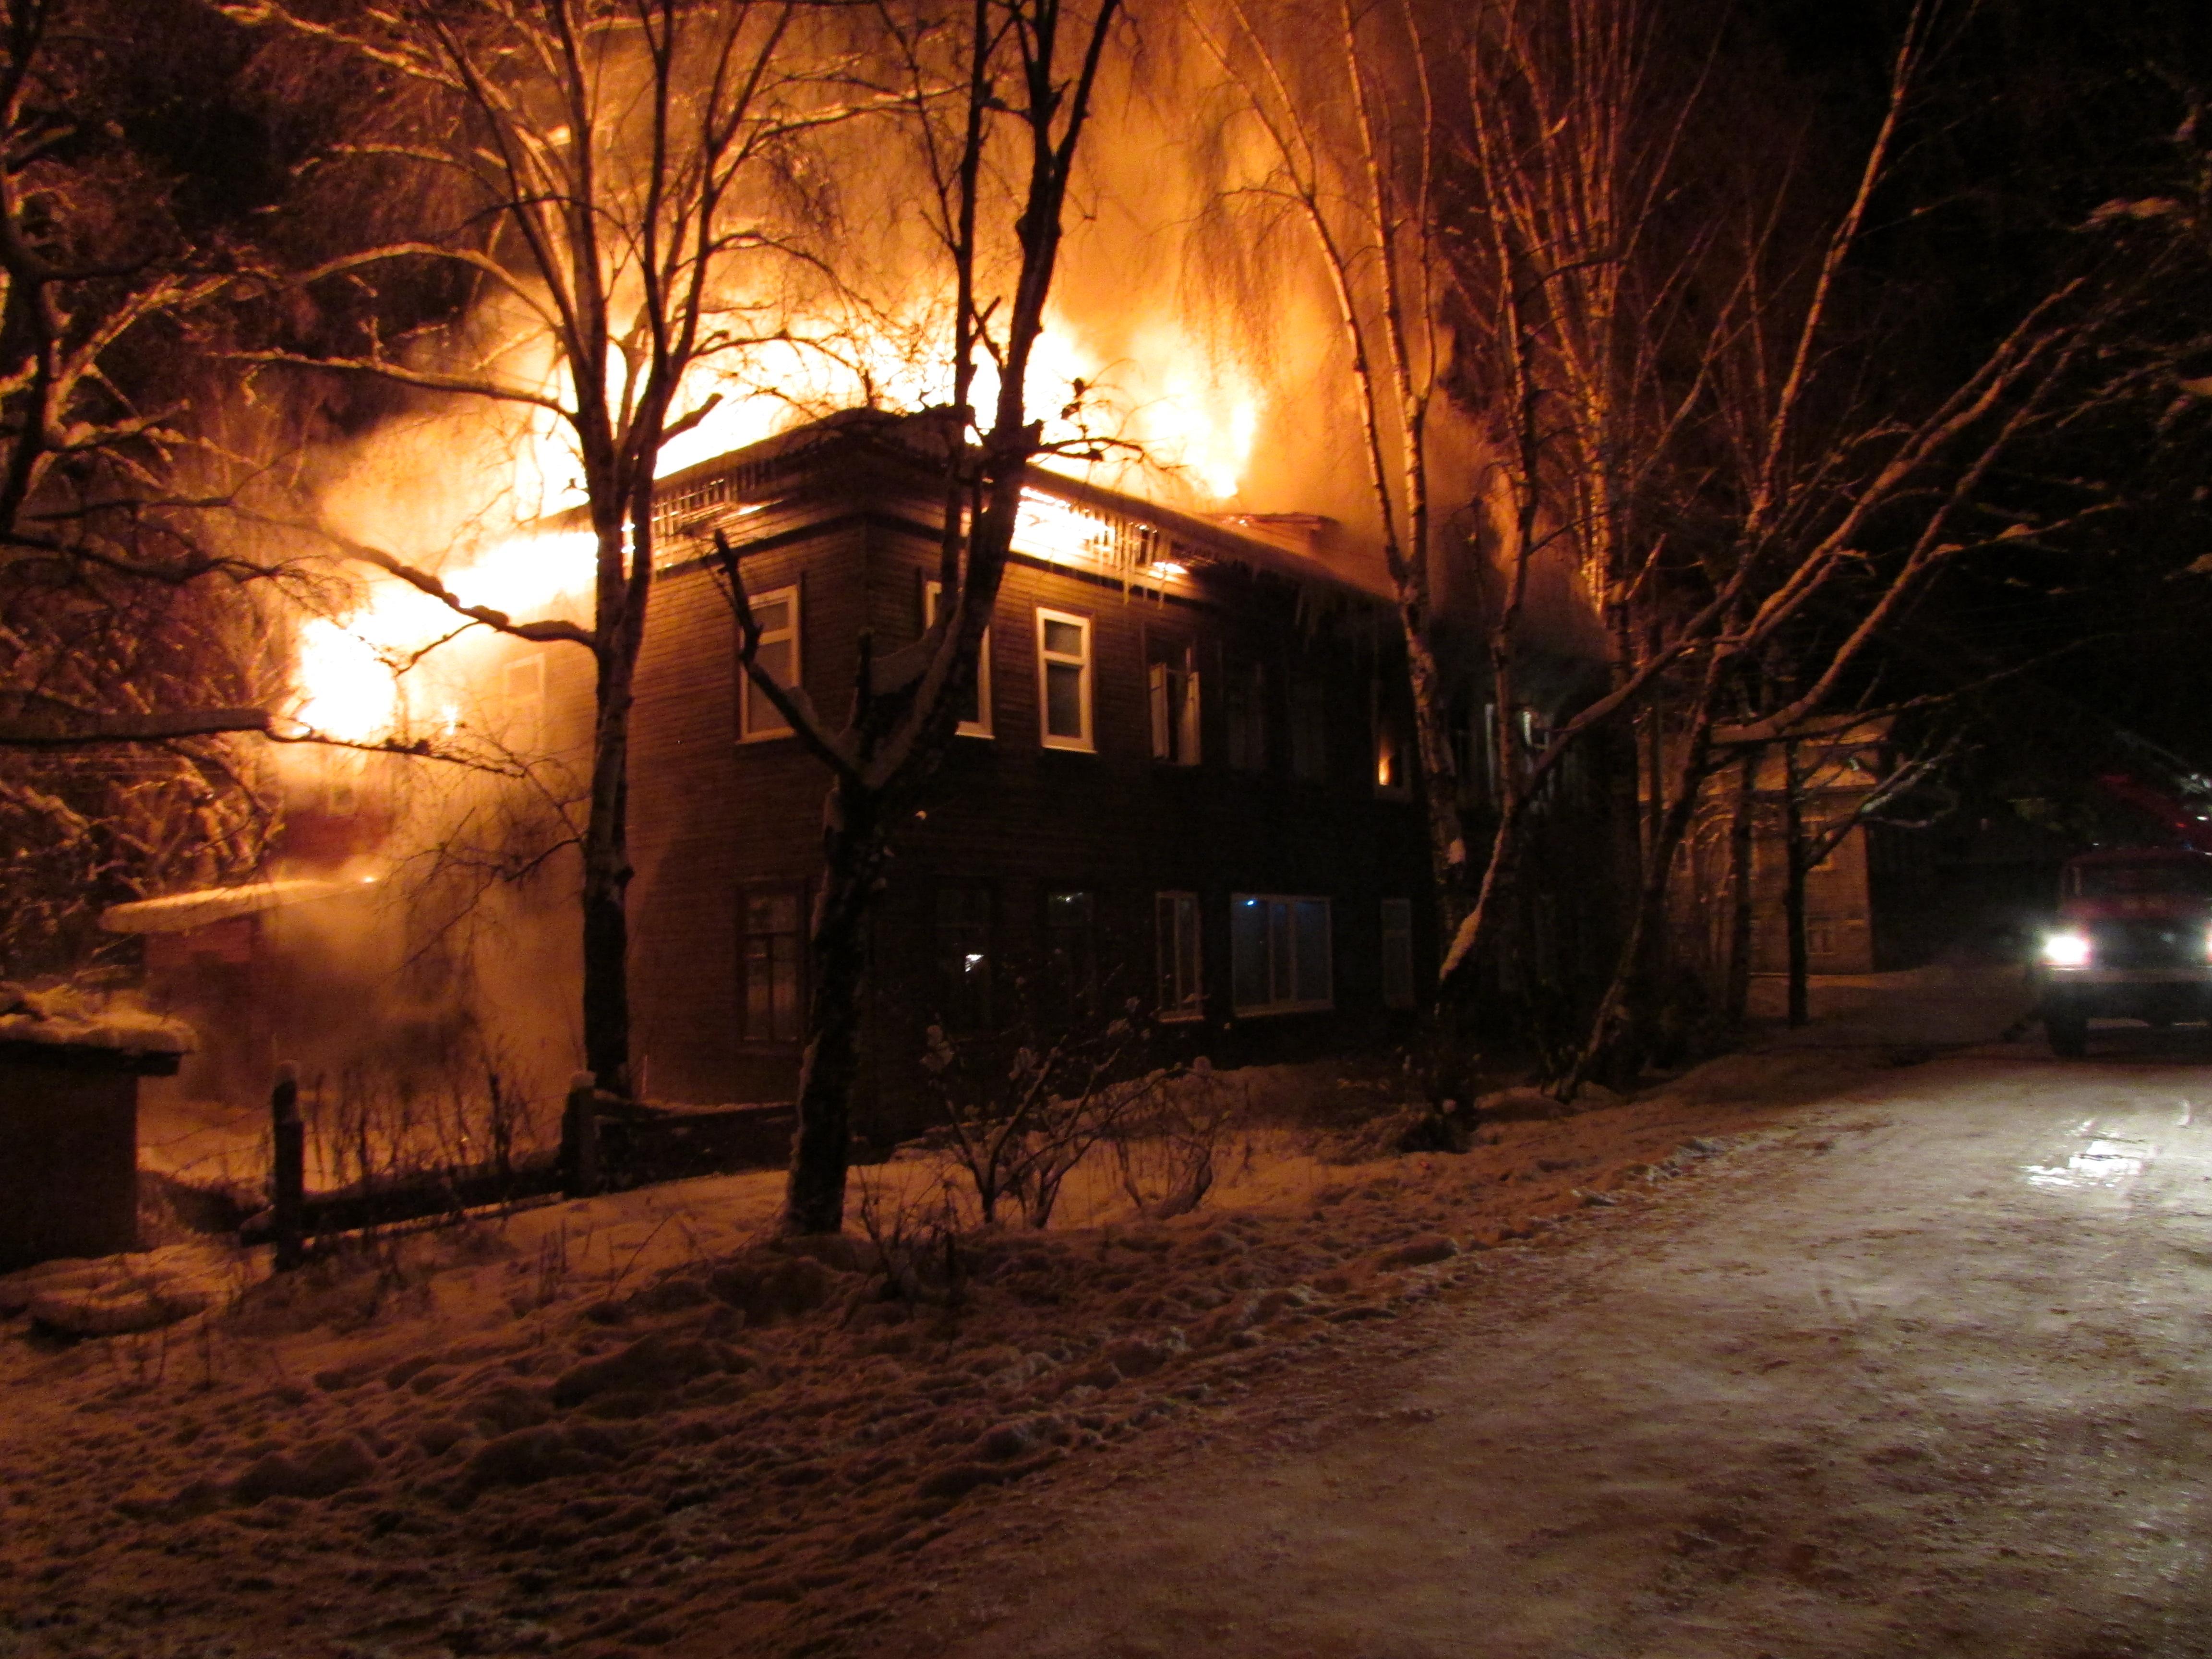 Вологодский полицейский находится в реанимации после пожара в своём доме